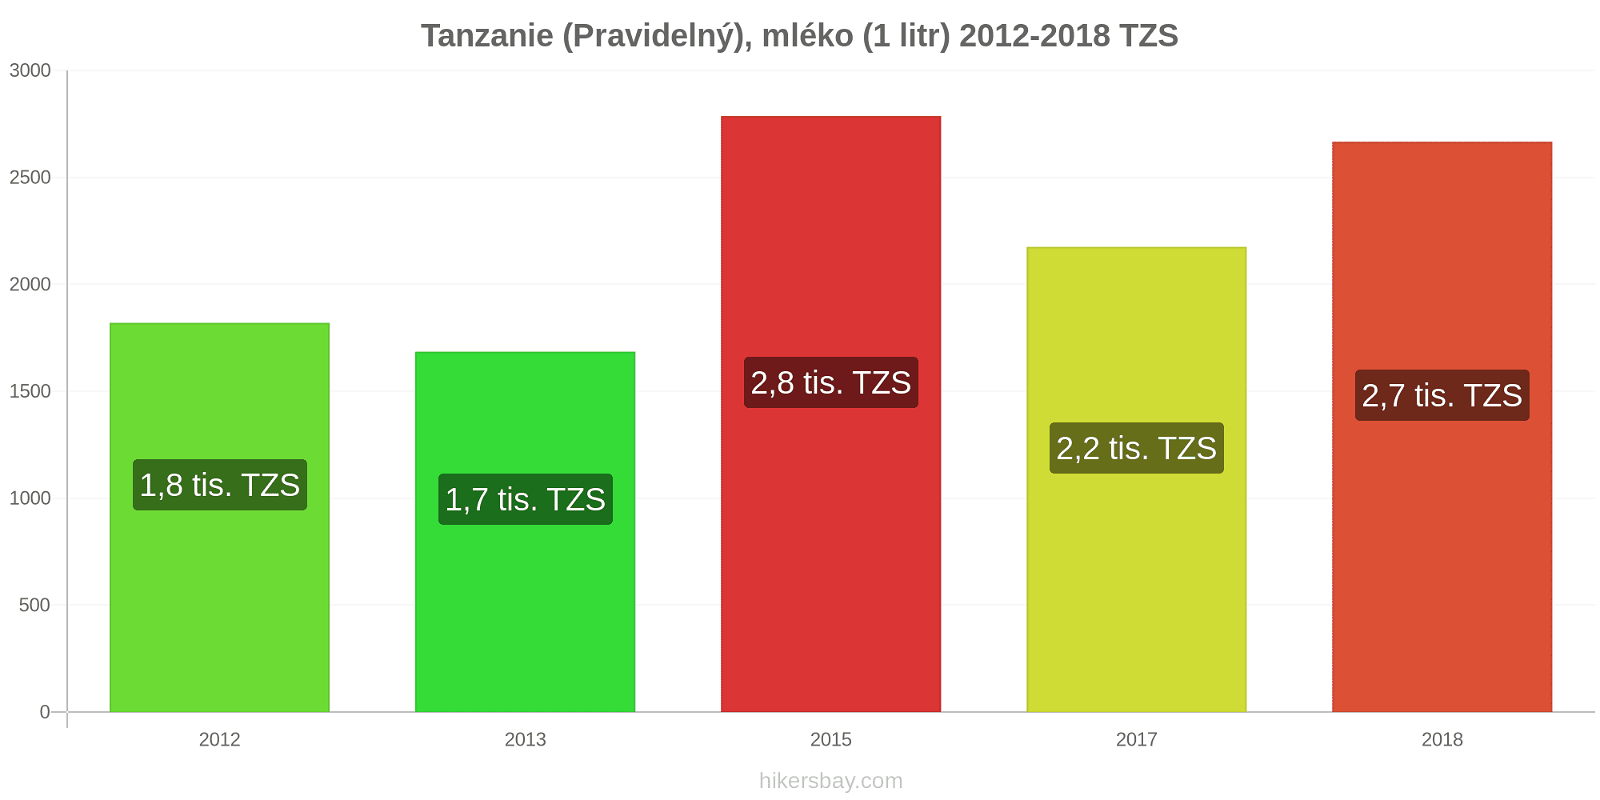 Tanzanie změny cen (Pravidelný), mléko (1 litr) hikersbay.com